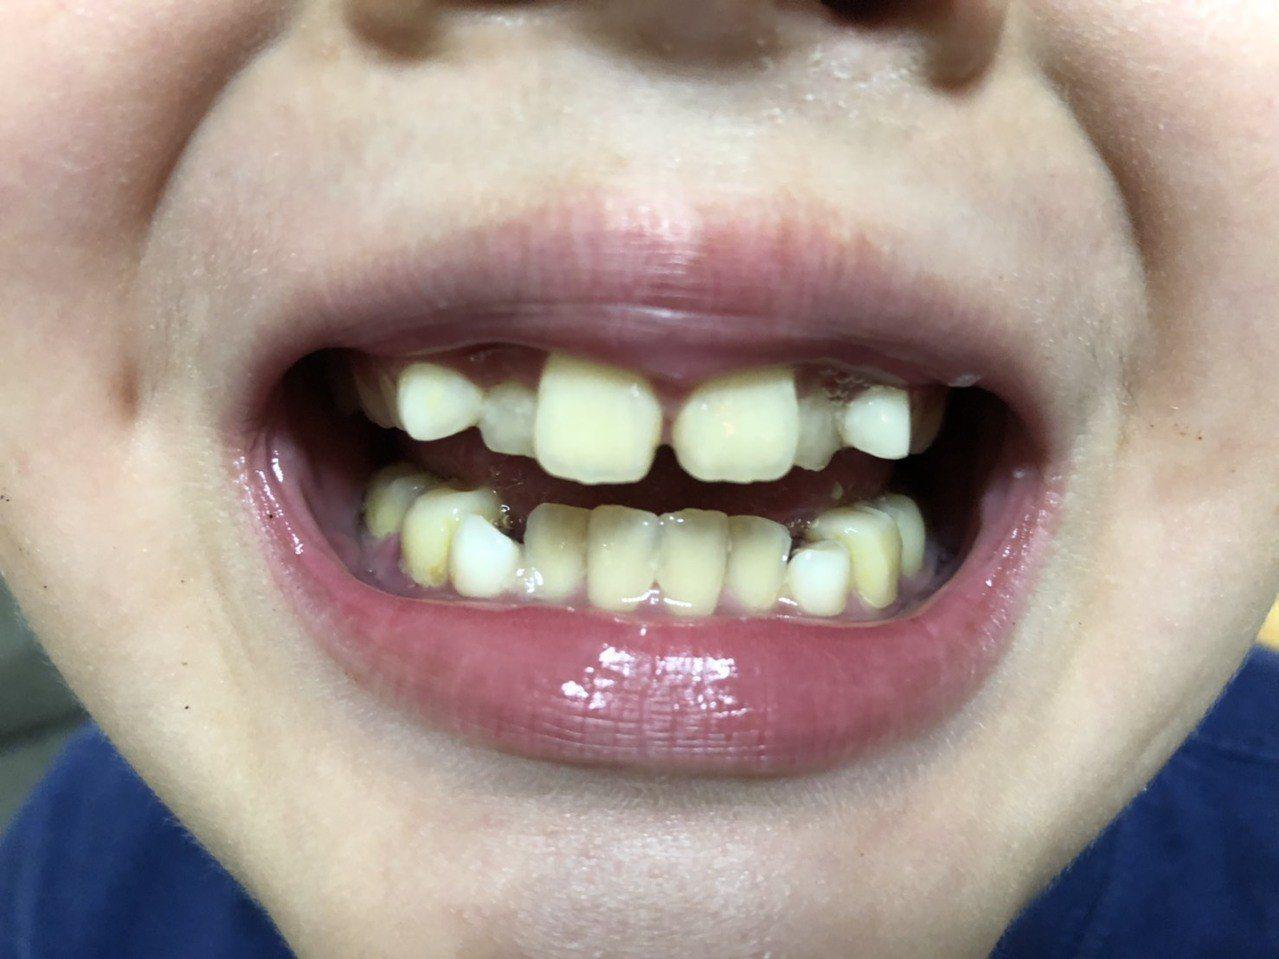 小朋友上顎窄使得牙齒排列不整、臉型「小下巴」等,是睡眠呼吸中止的高危險群。記者劉...